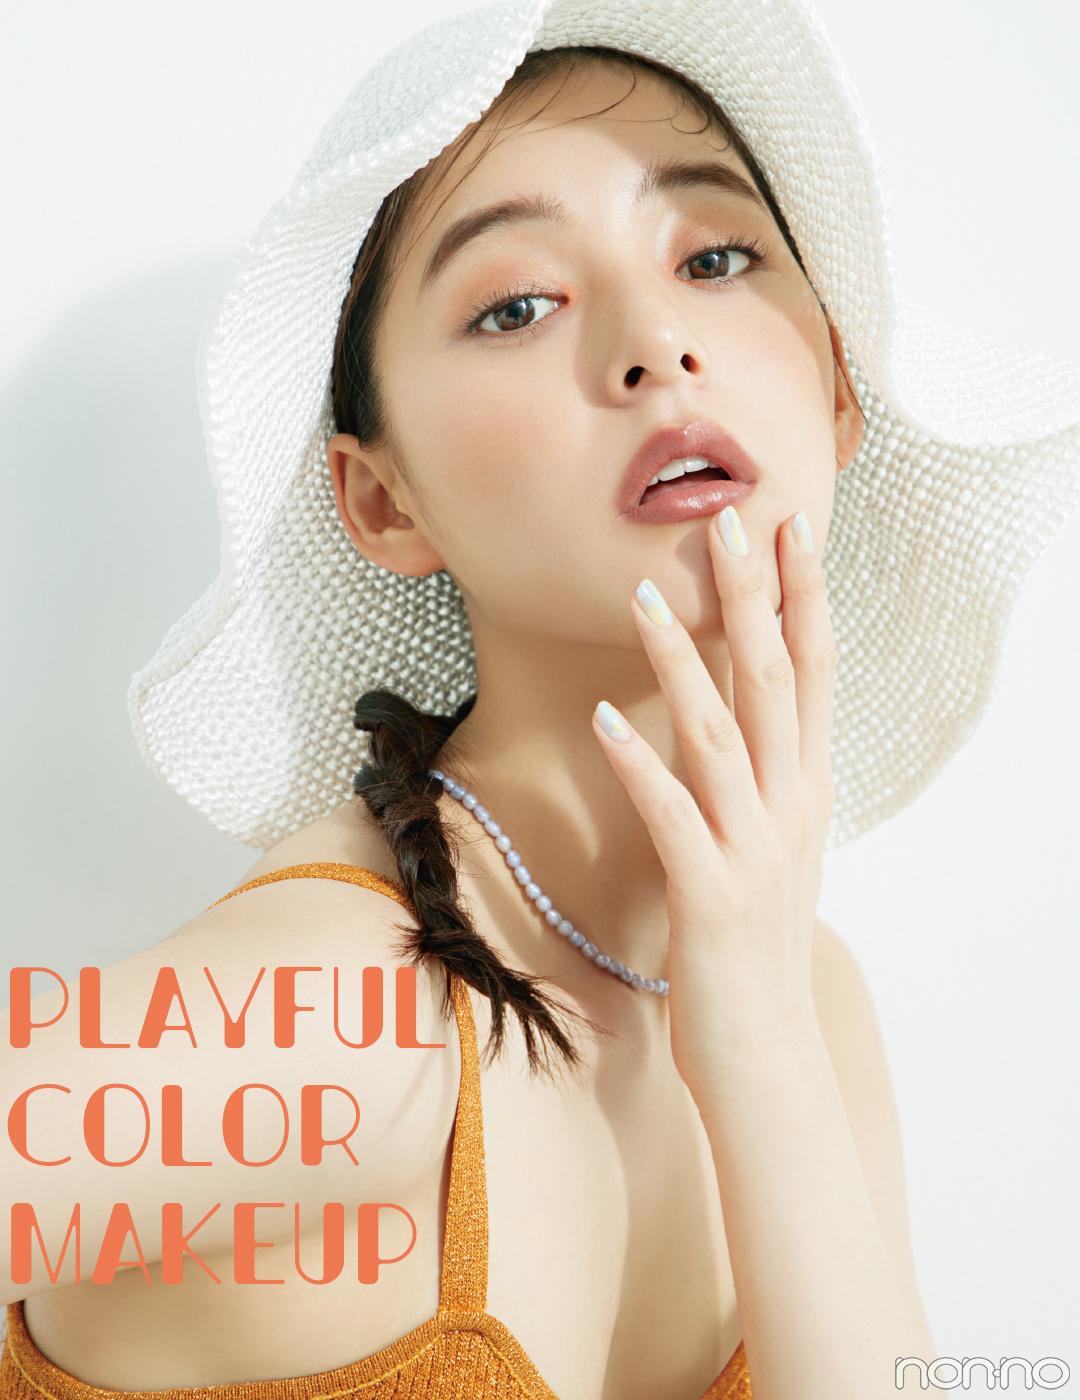 新木優子がポール&ジョーの暖色eye&寒色ネイルを使ったメイクで一足早いsummer time